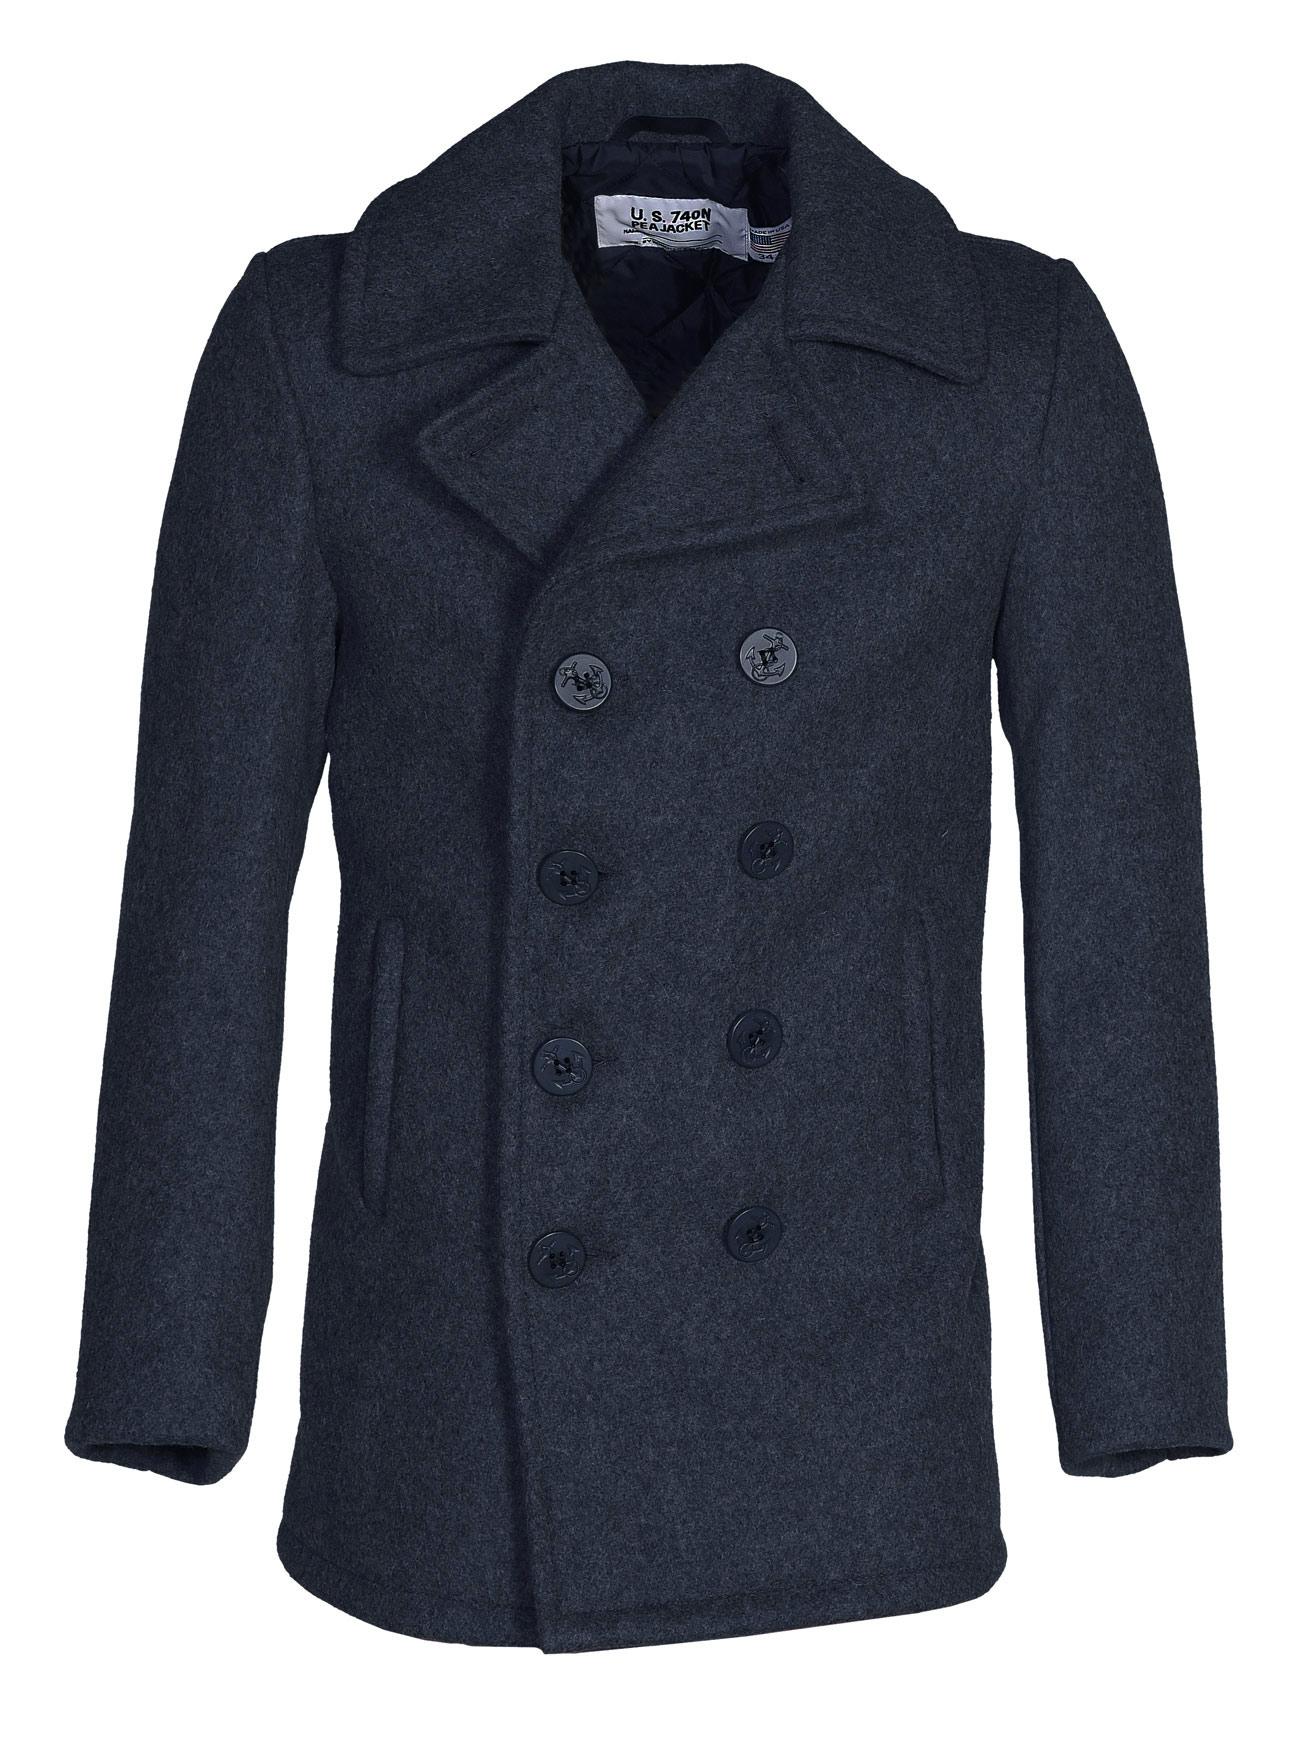 N Original Pea Schott Coat The C740 Navy Y lFcuKJT31